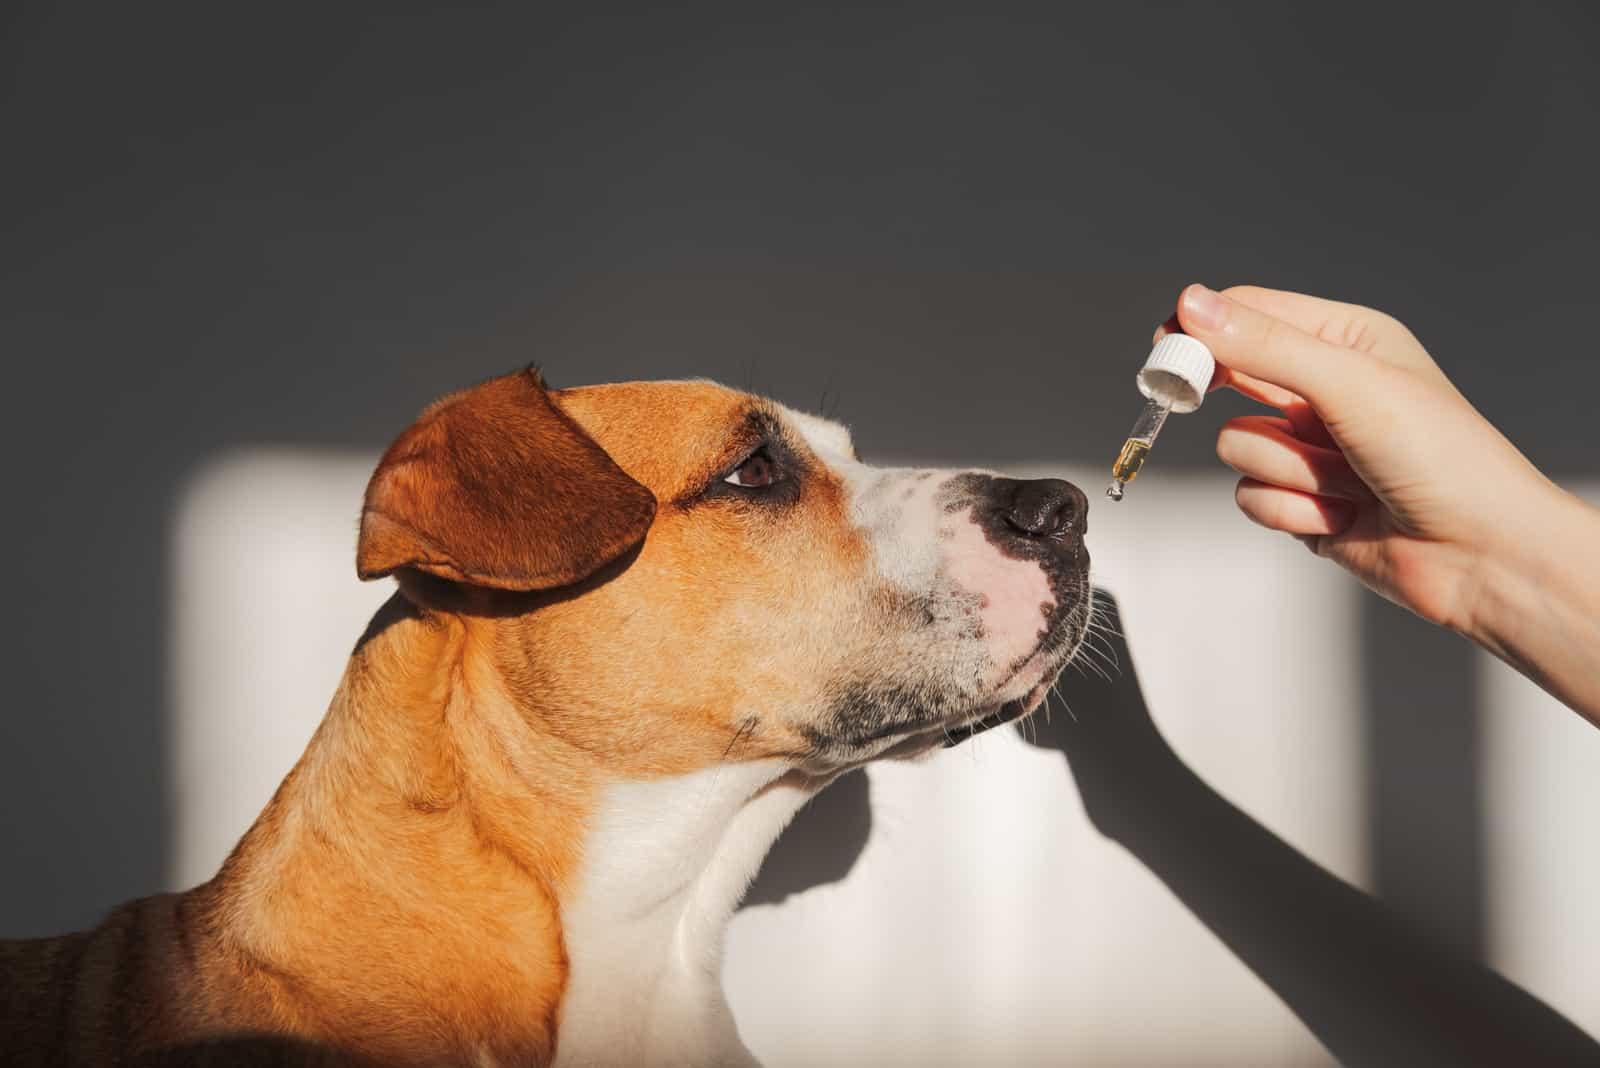 Die Person gibt dem Hund ätherisches Öl